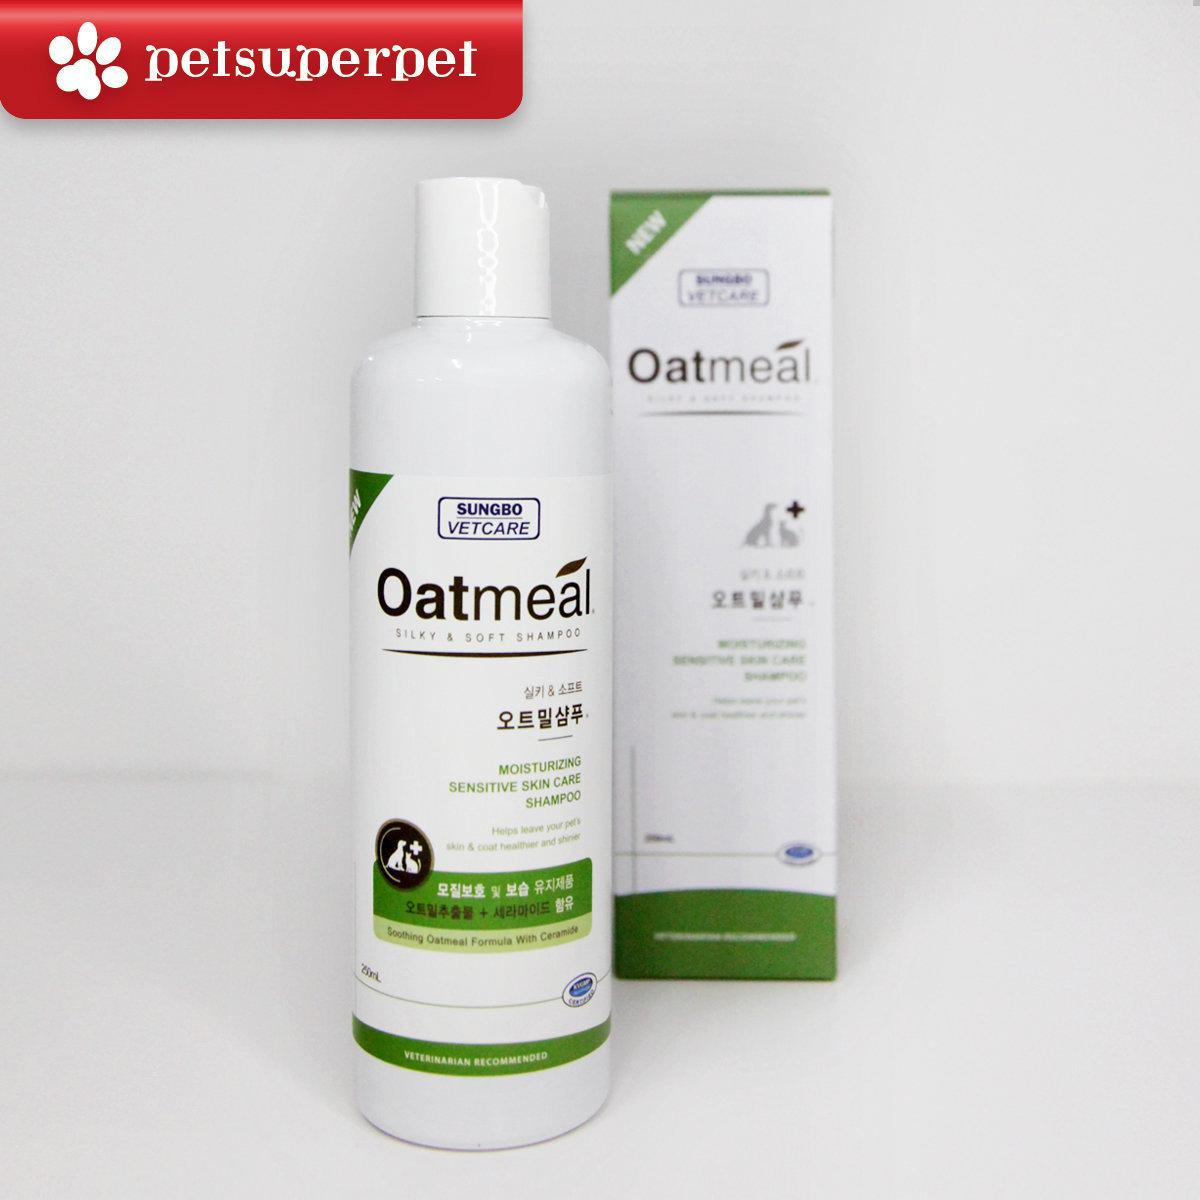 Oatmeal Silky & Soft Shampoo